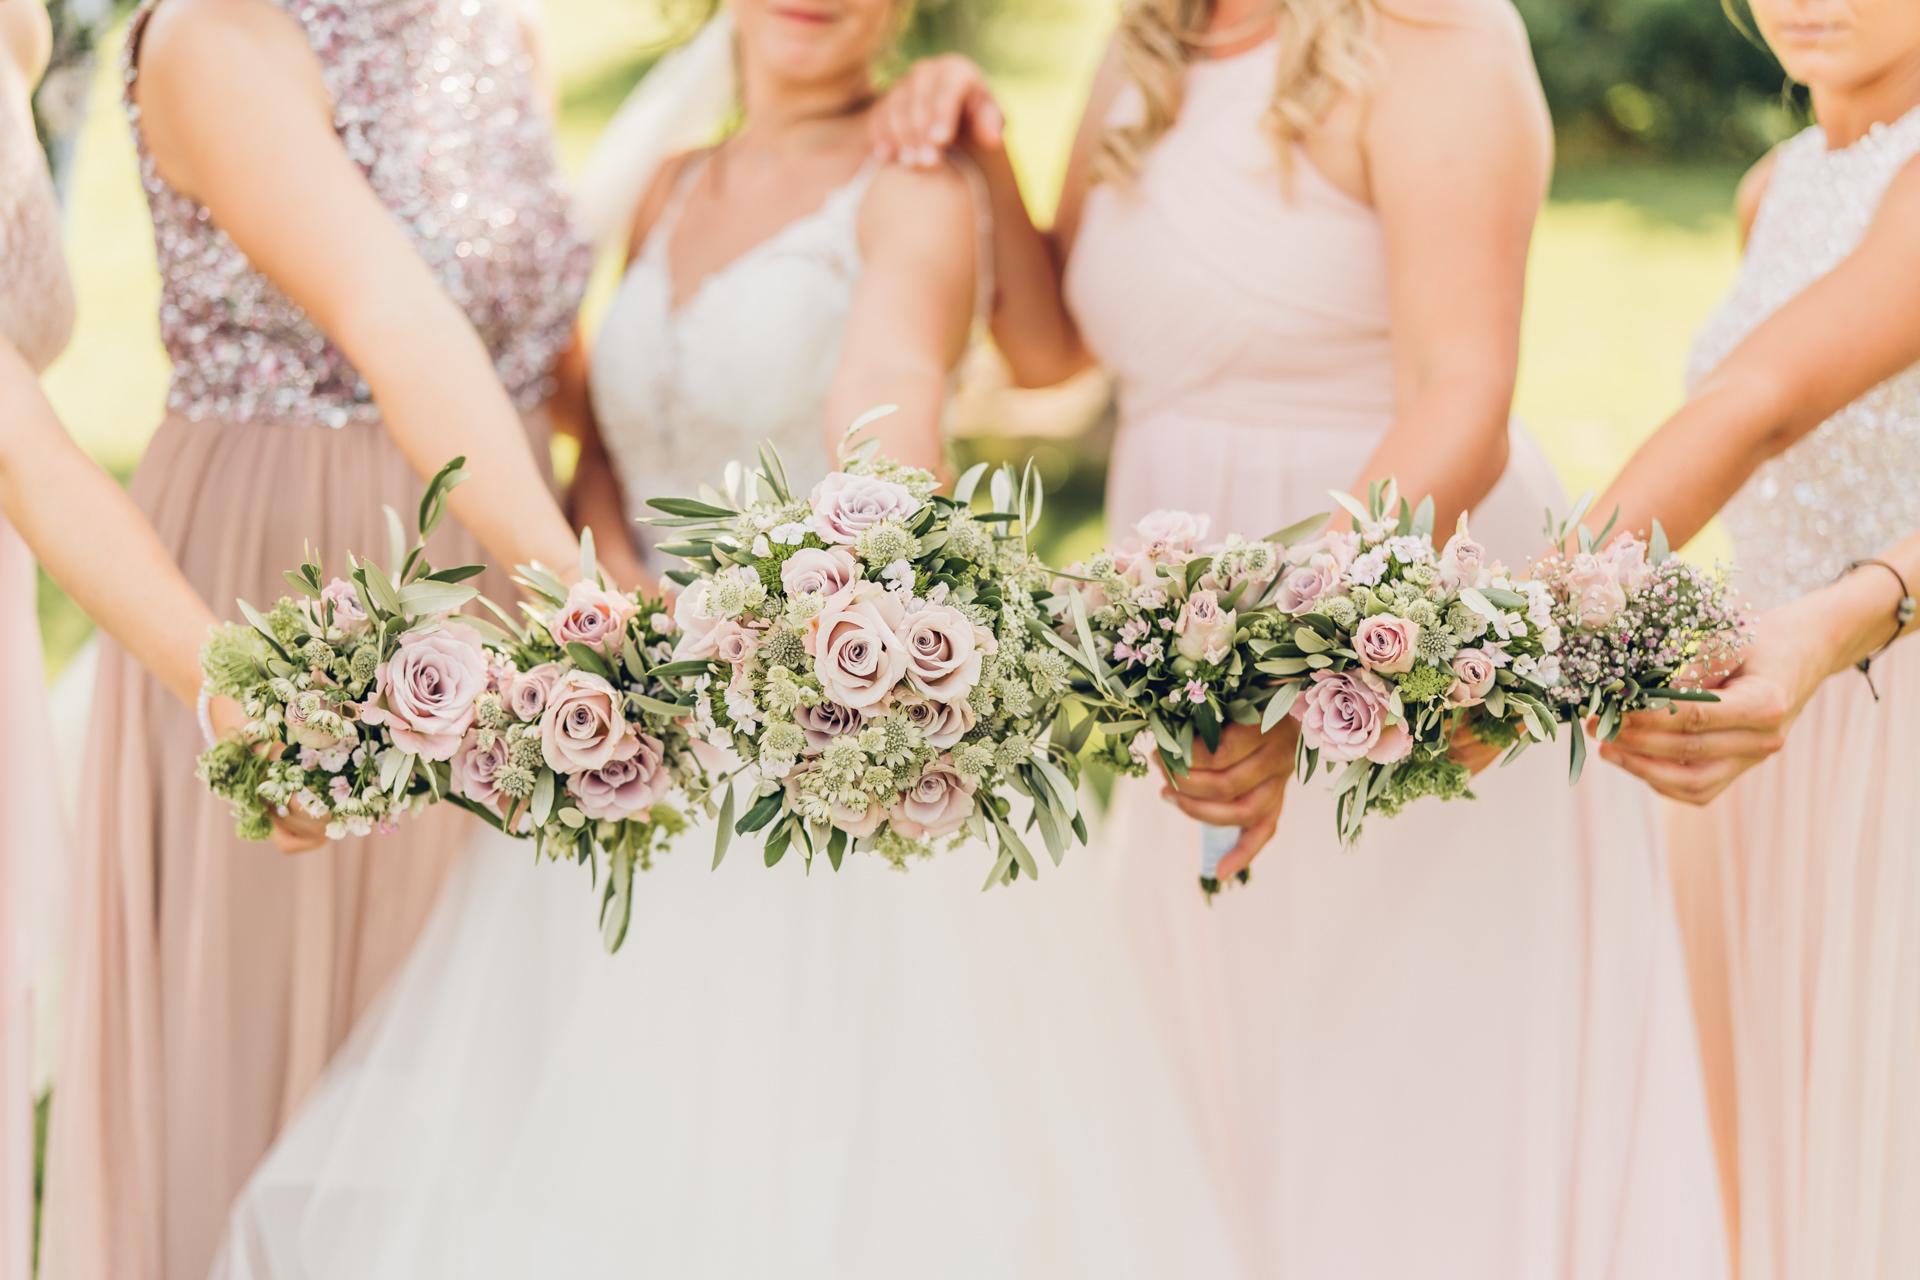 Braut mit Brautjungfern und Blumensträußen